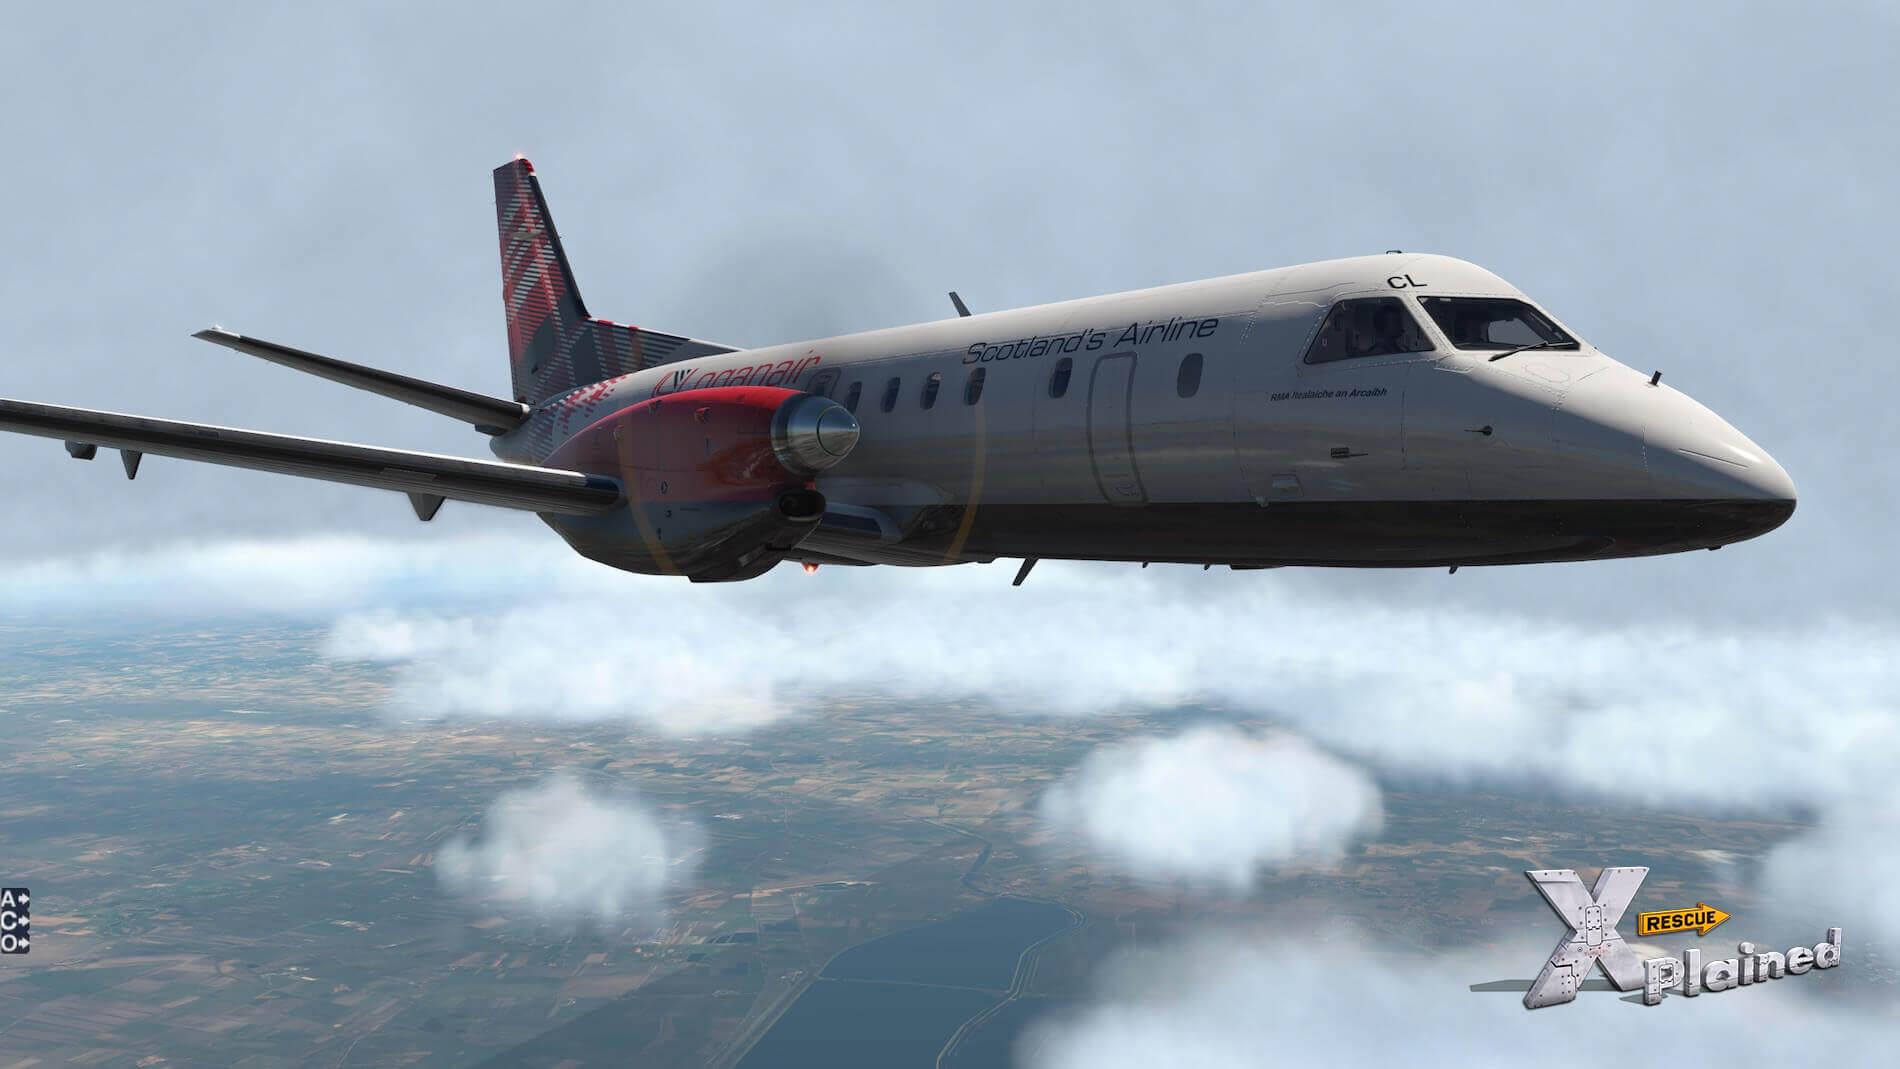 Carenado-Saab-340-11